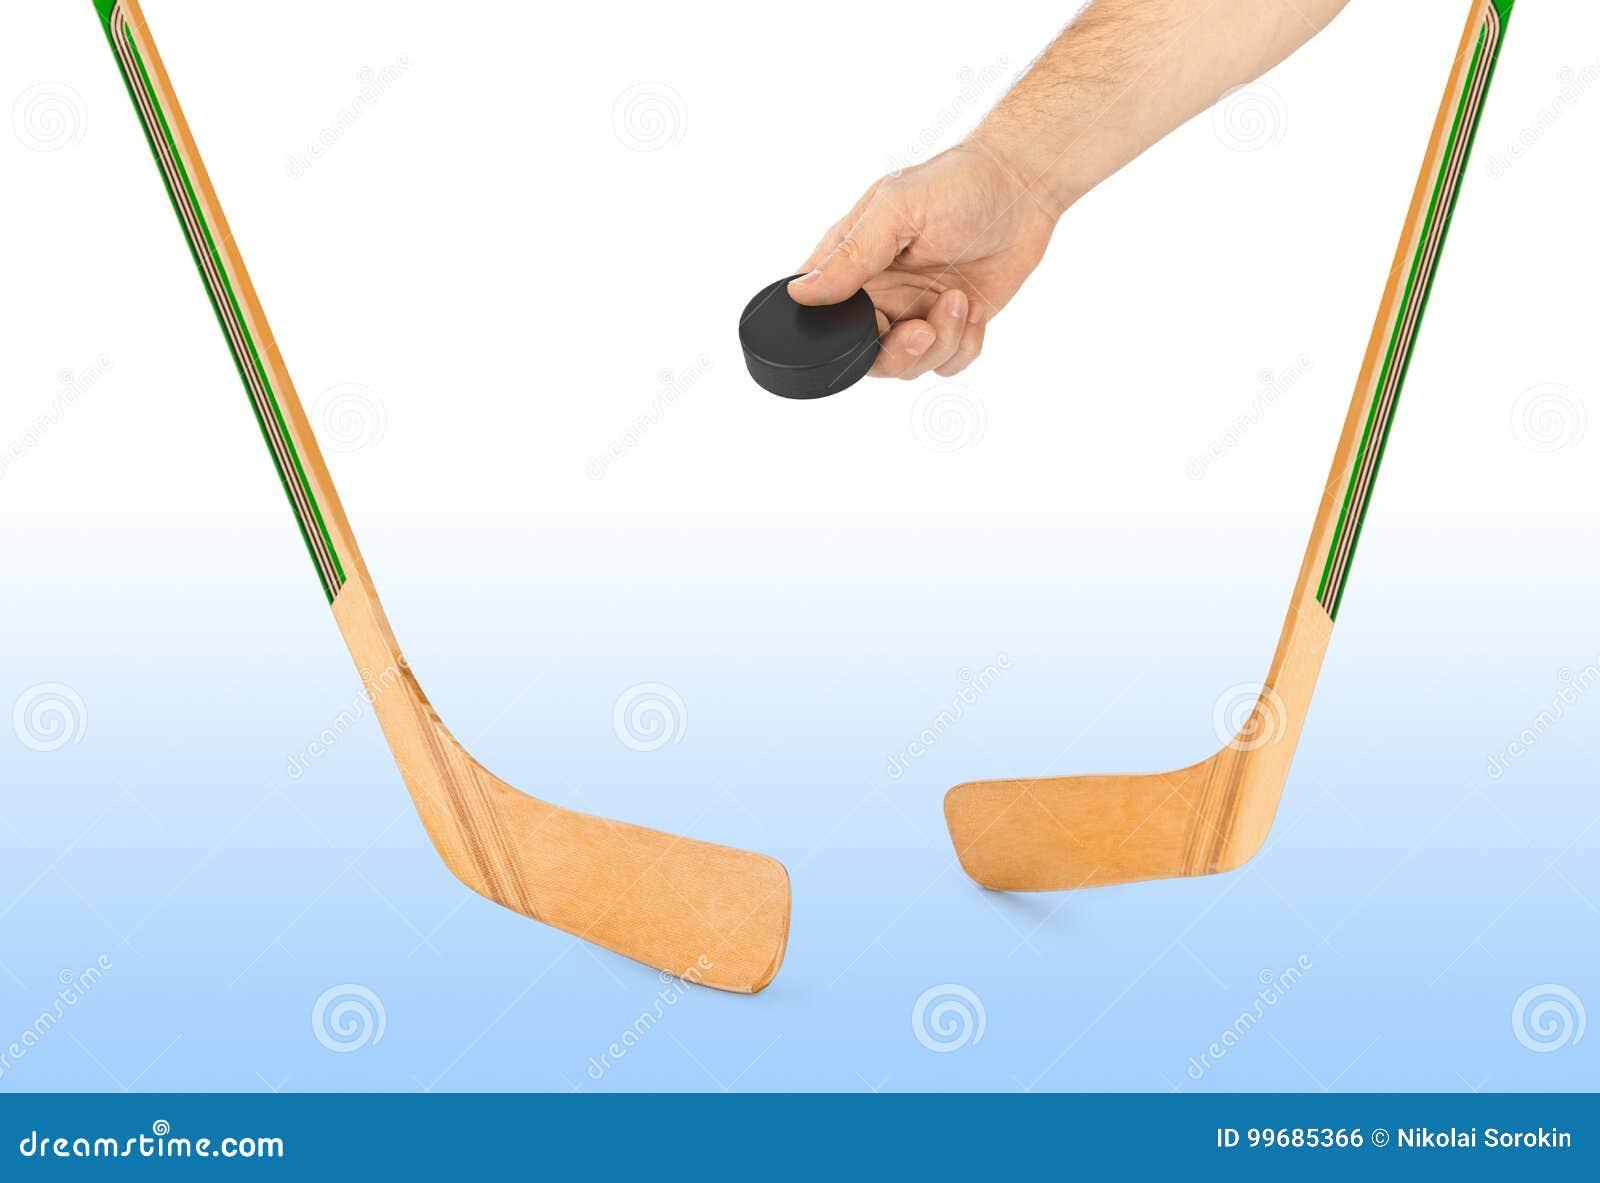 Ishockeypinne och hand med pucken